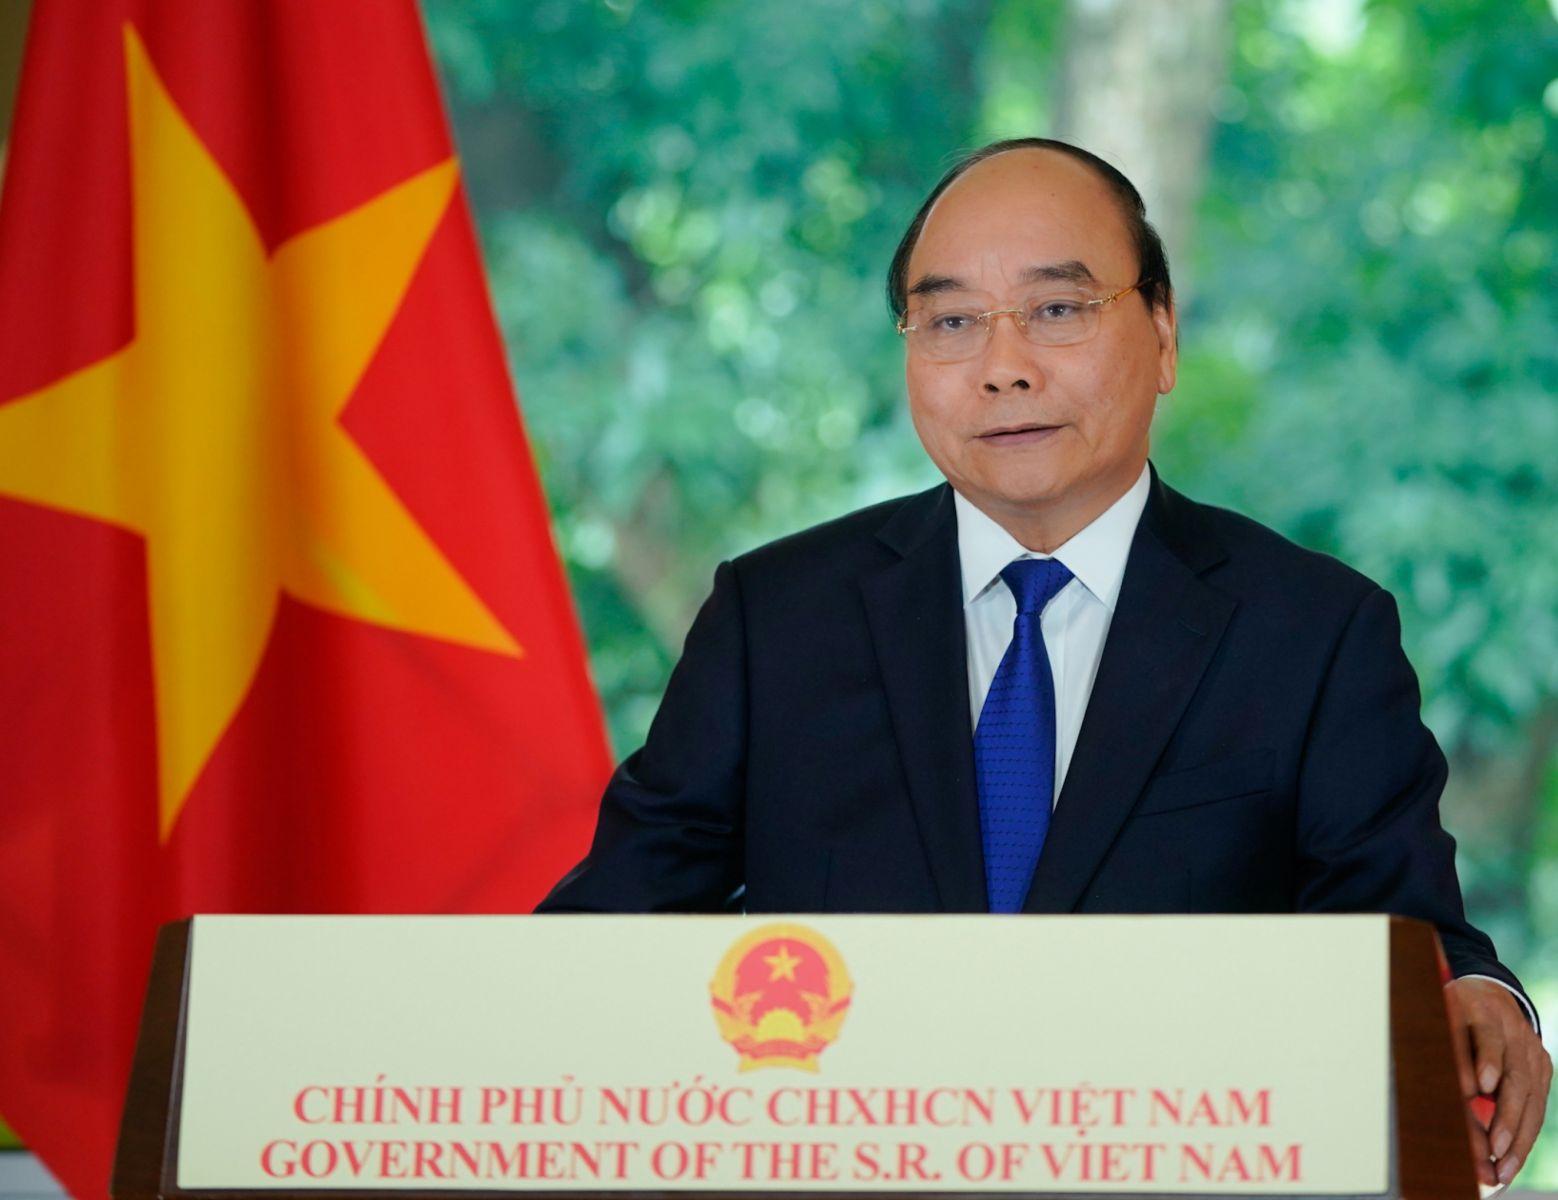 Thủ tướng Nguyễn Xuân Phúc gửi thông điệp tới Hội nghị về biến đổi khí hậu. Ảnh: VGP/Quang Hiếu